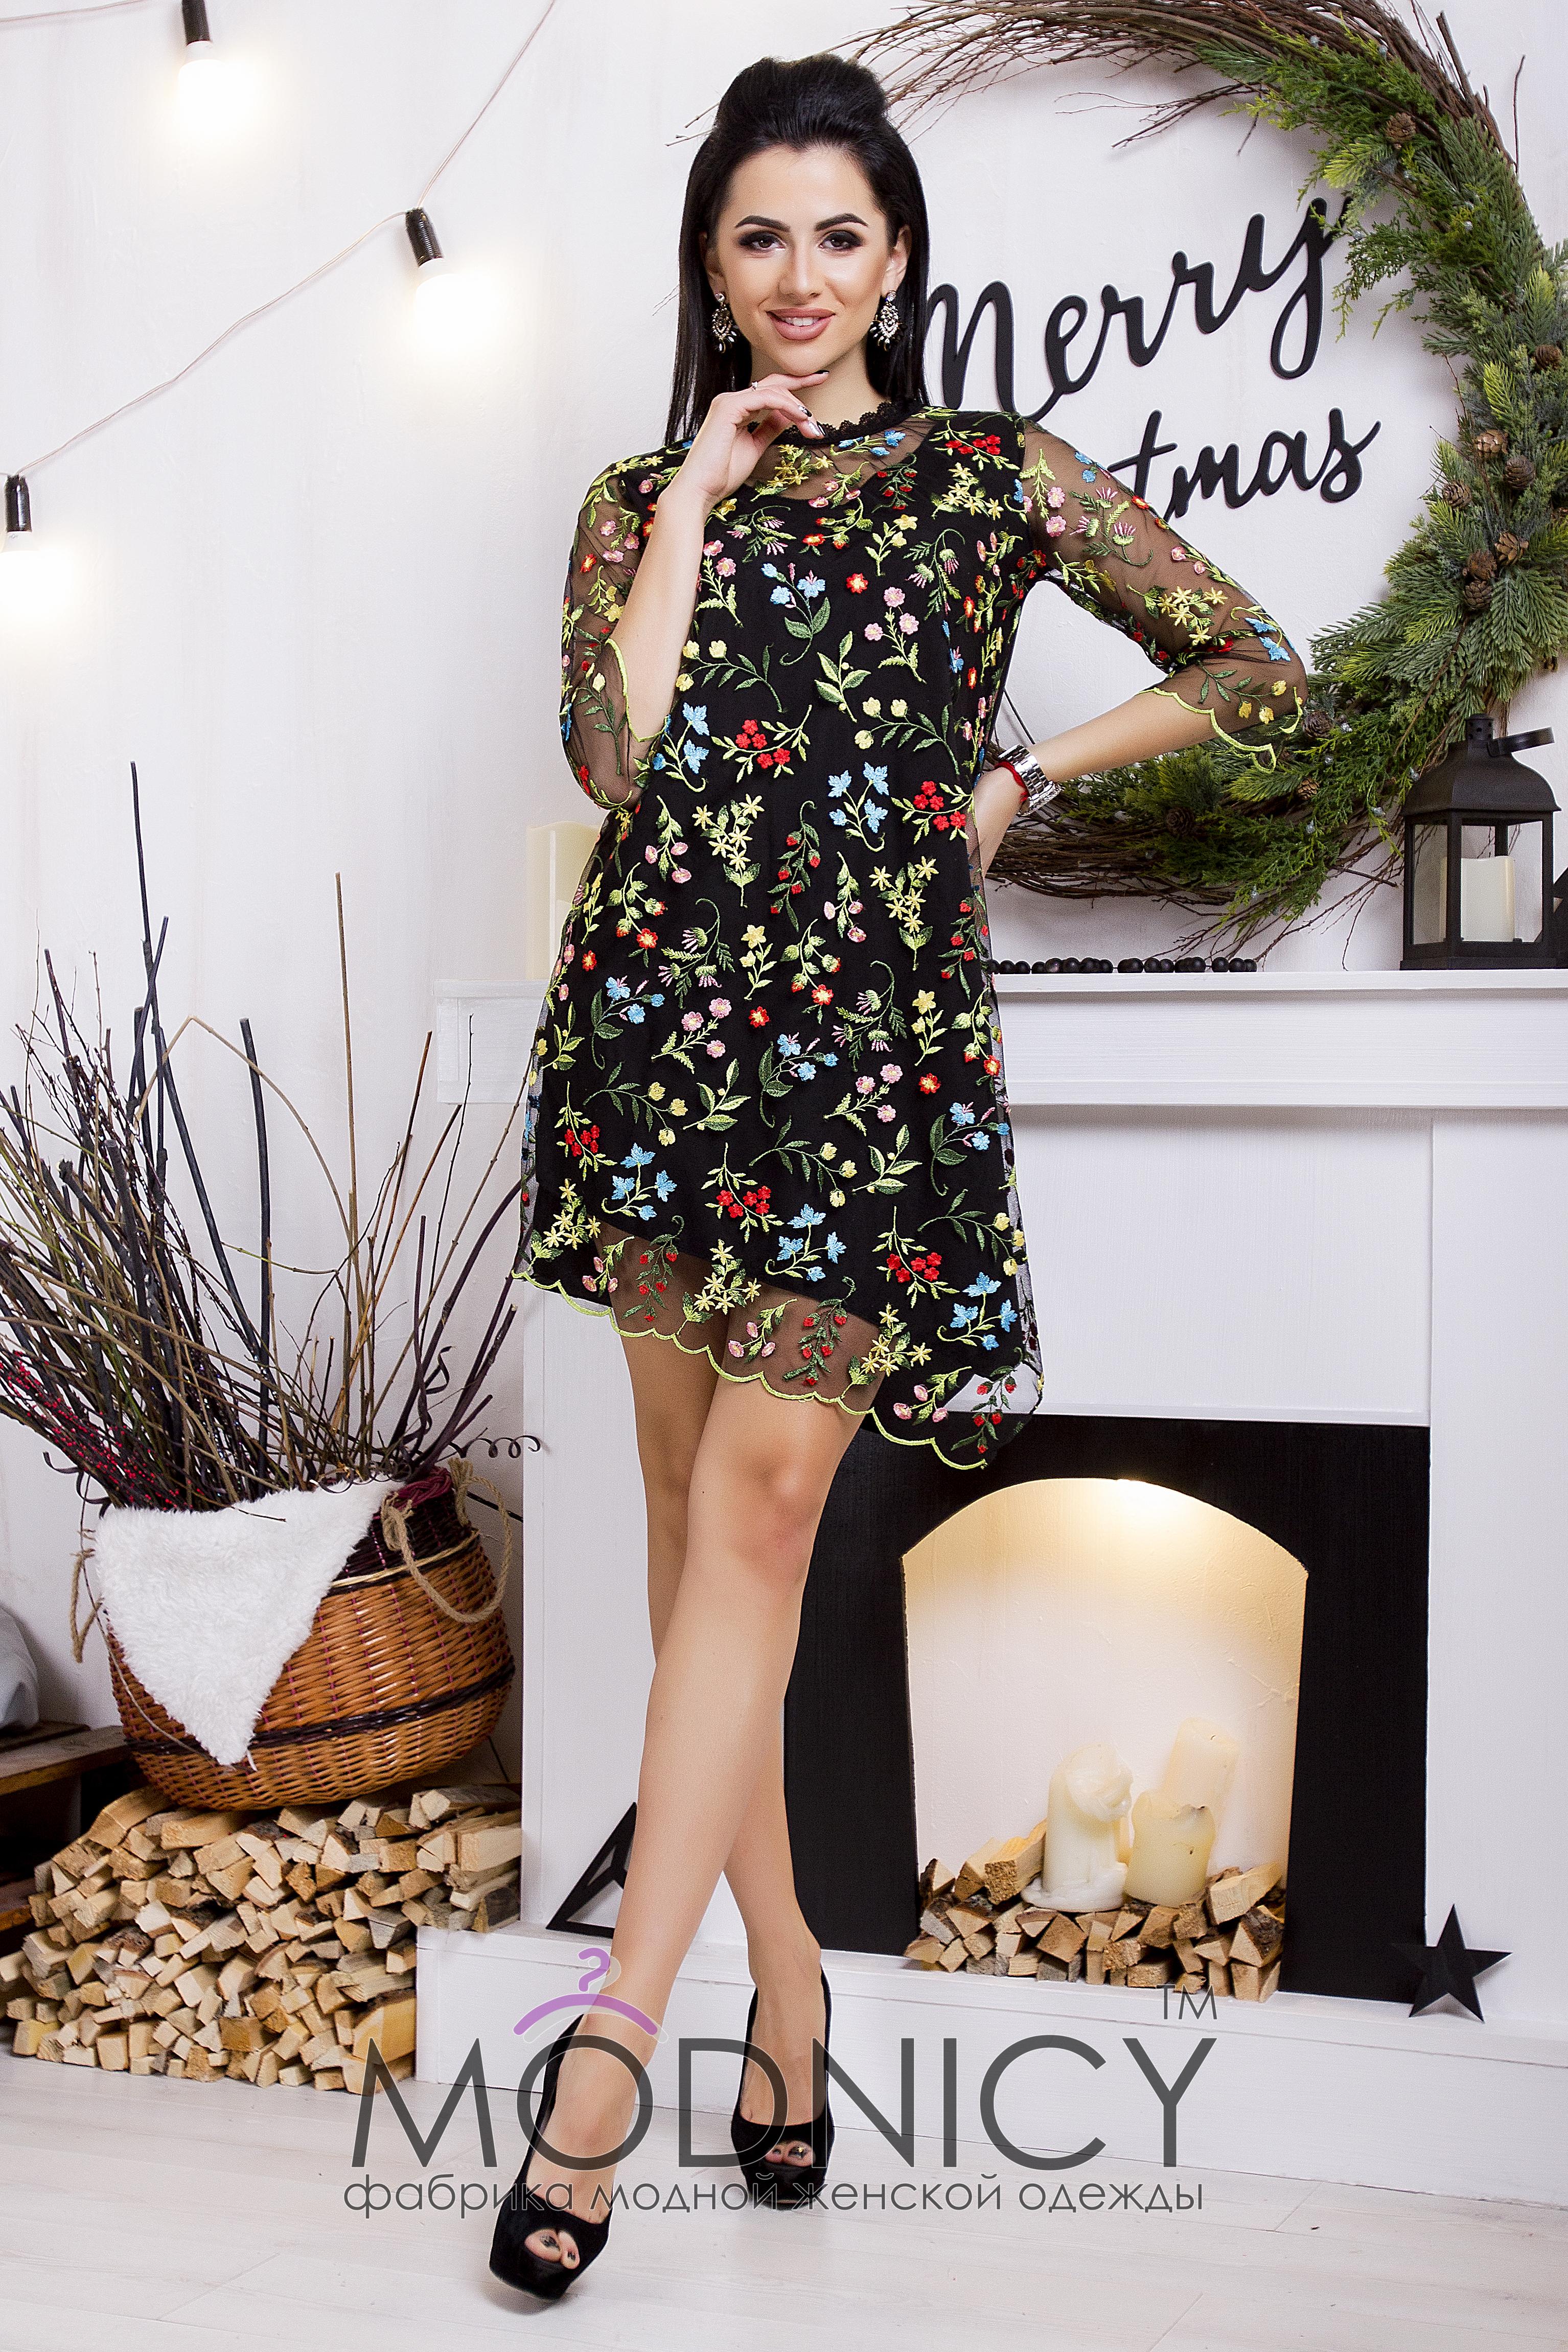 Модницы интернет магазин Украина – одежда украинского производства